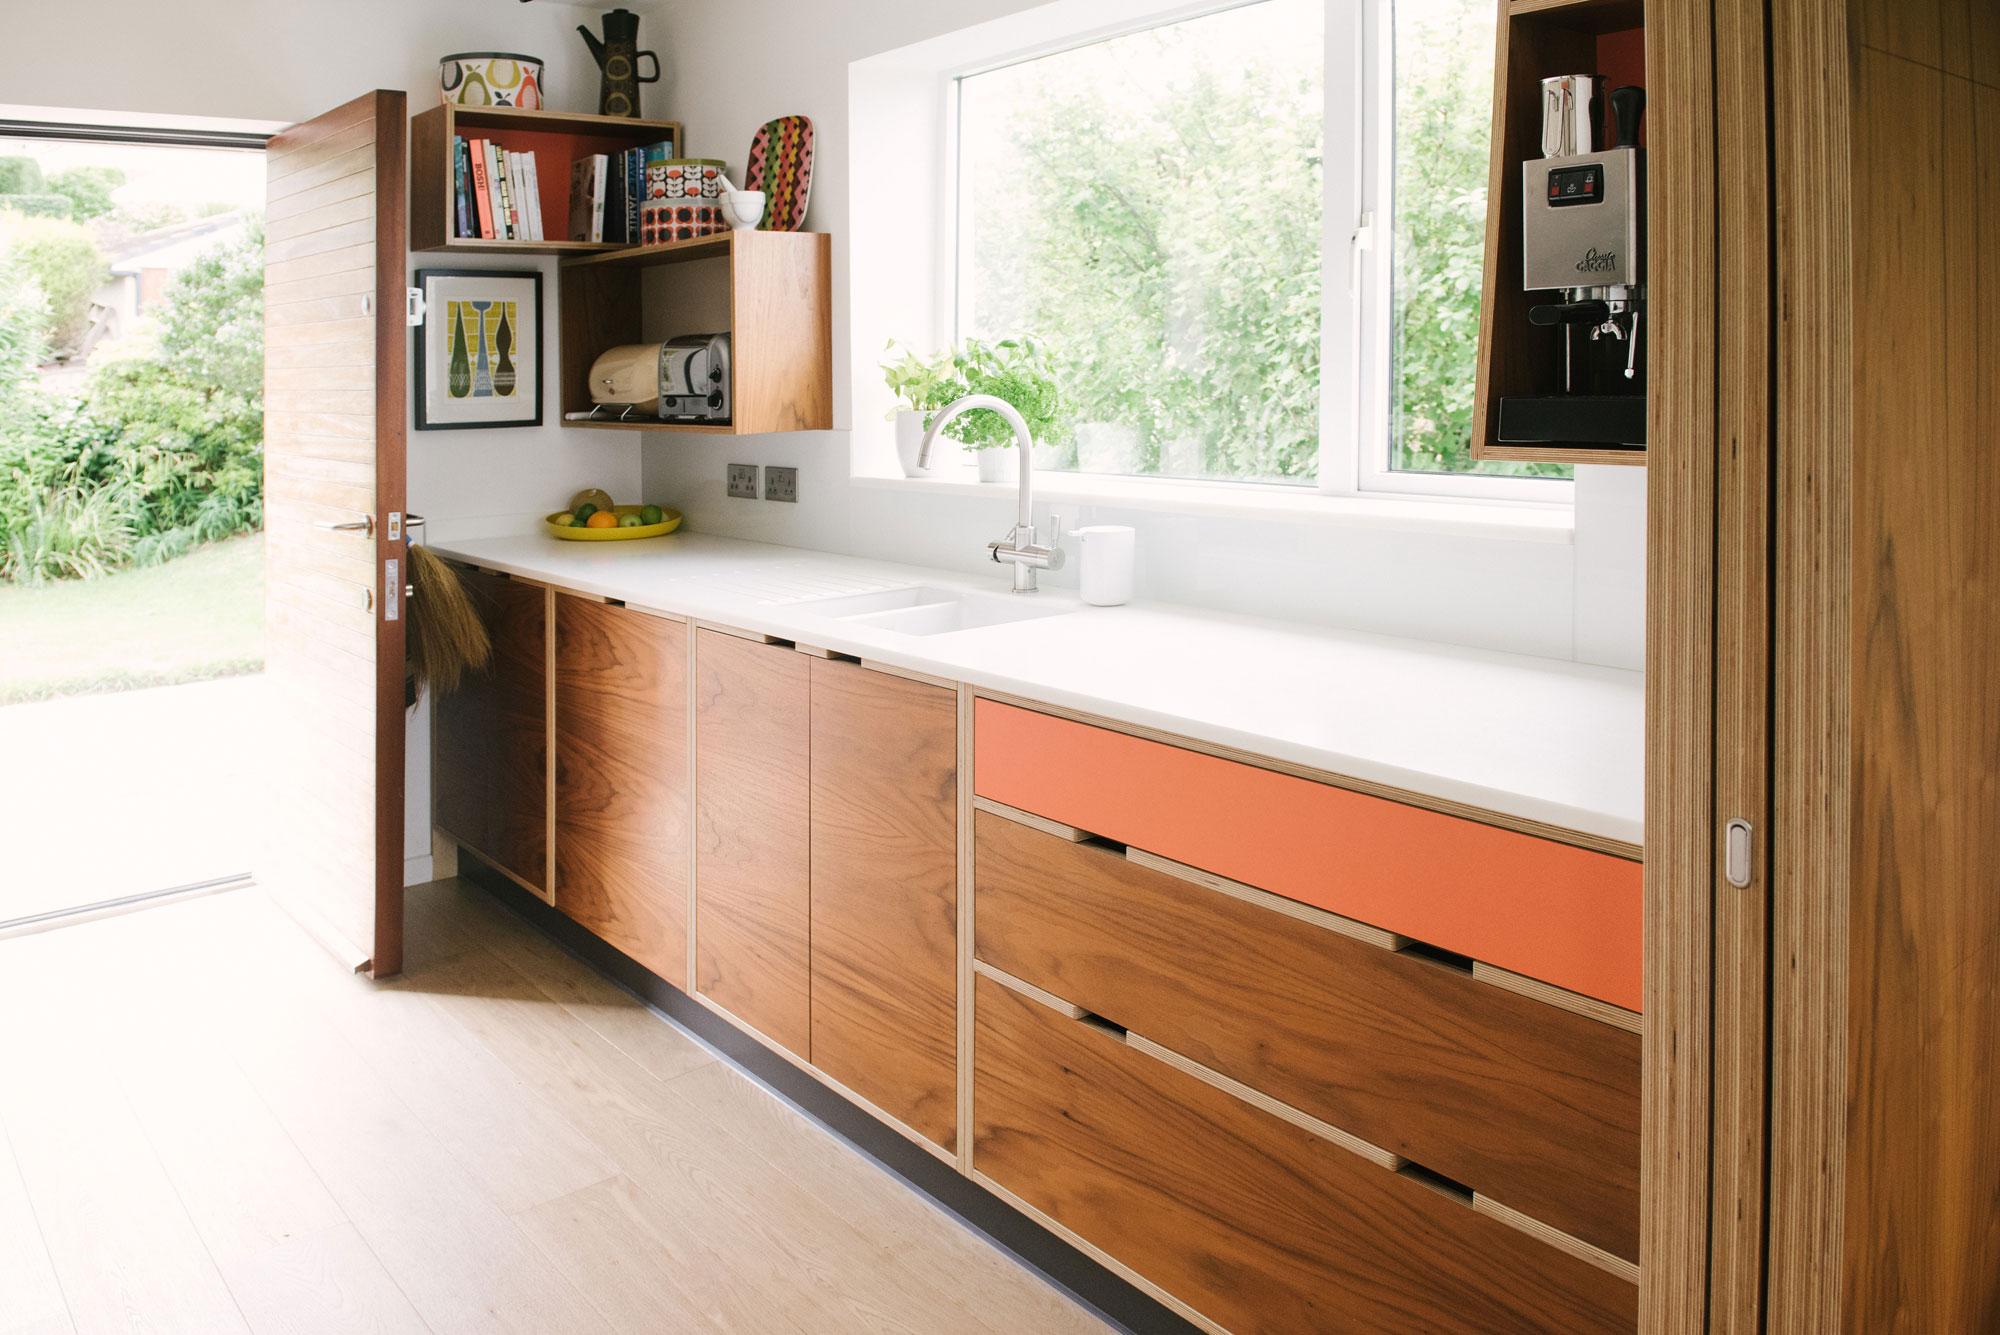 Mid Century Style Plywood Kitchen - Walnut Veneer and Orange Kitchen